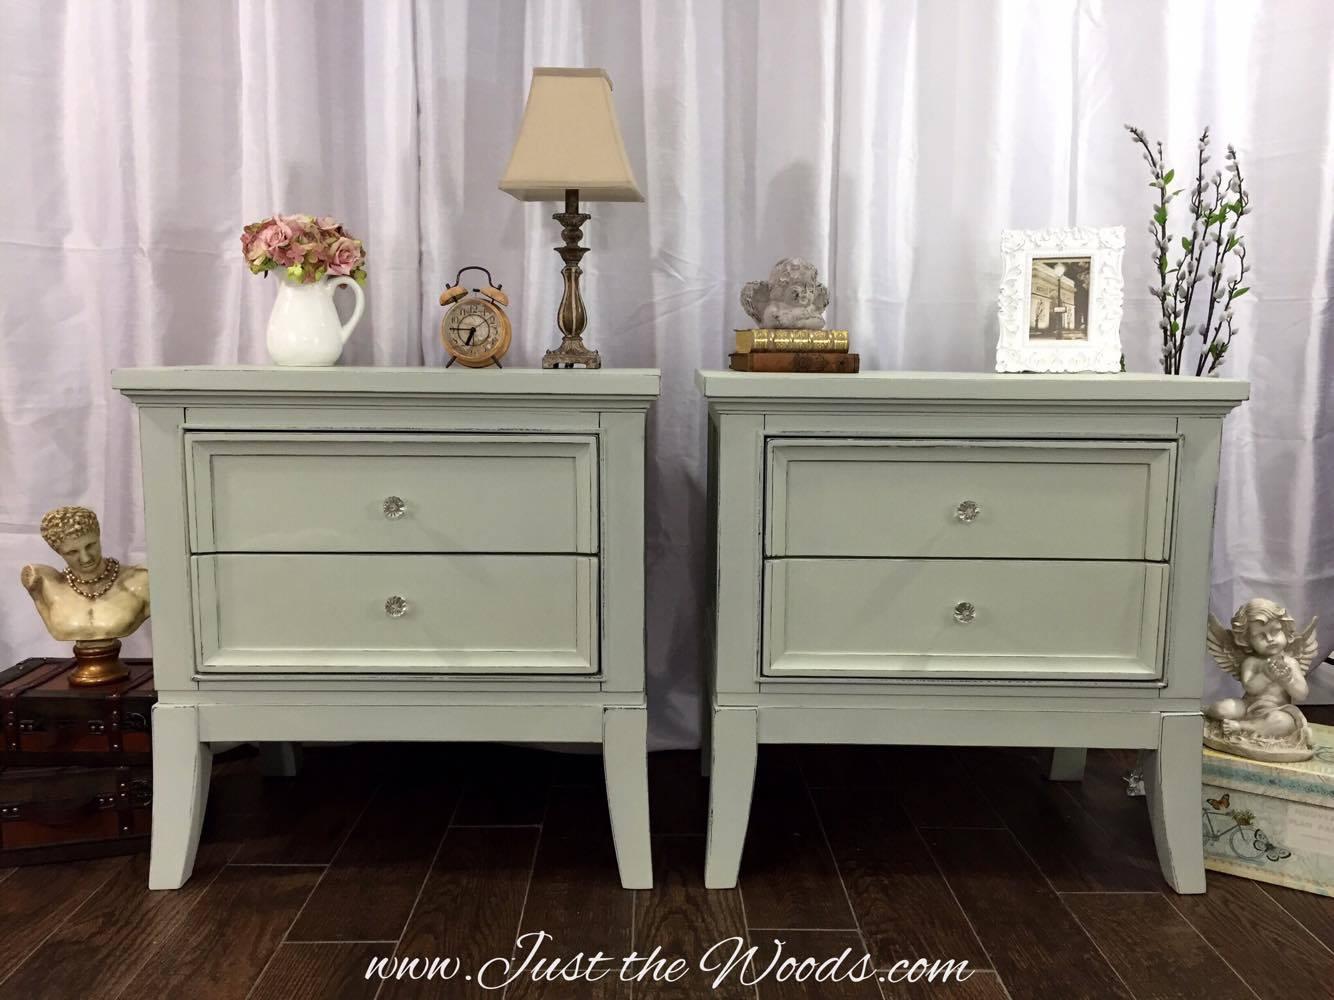 Shabby chic nightstands